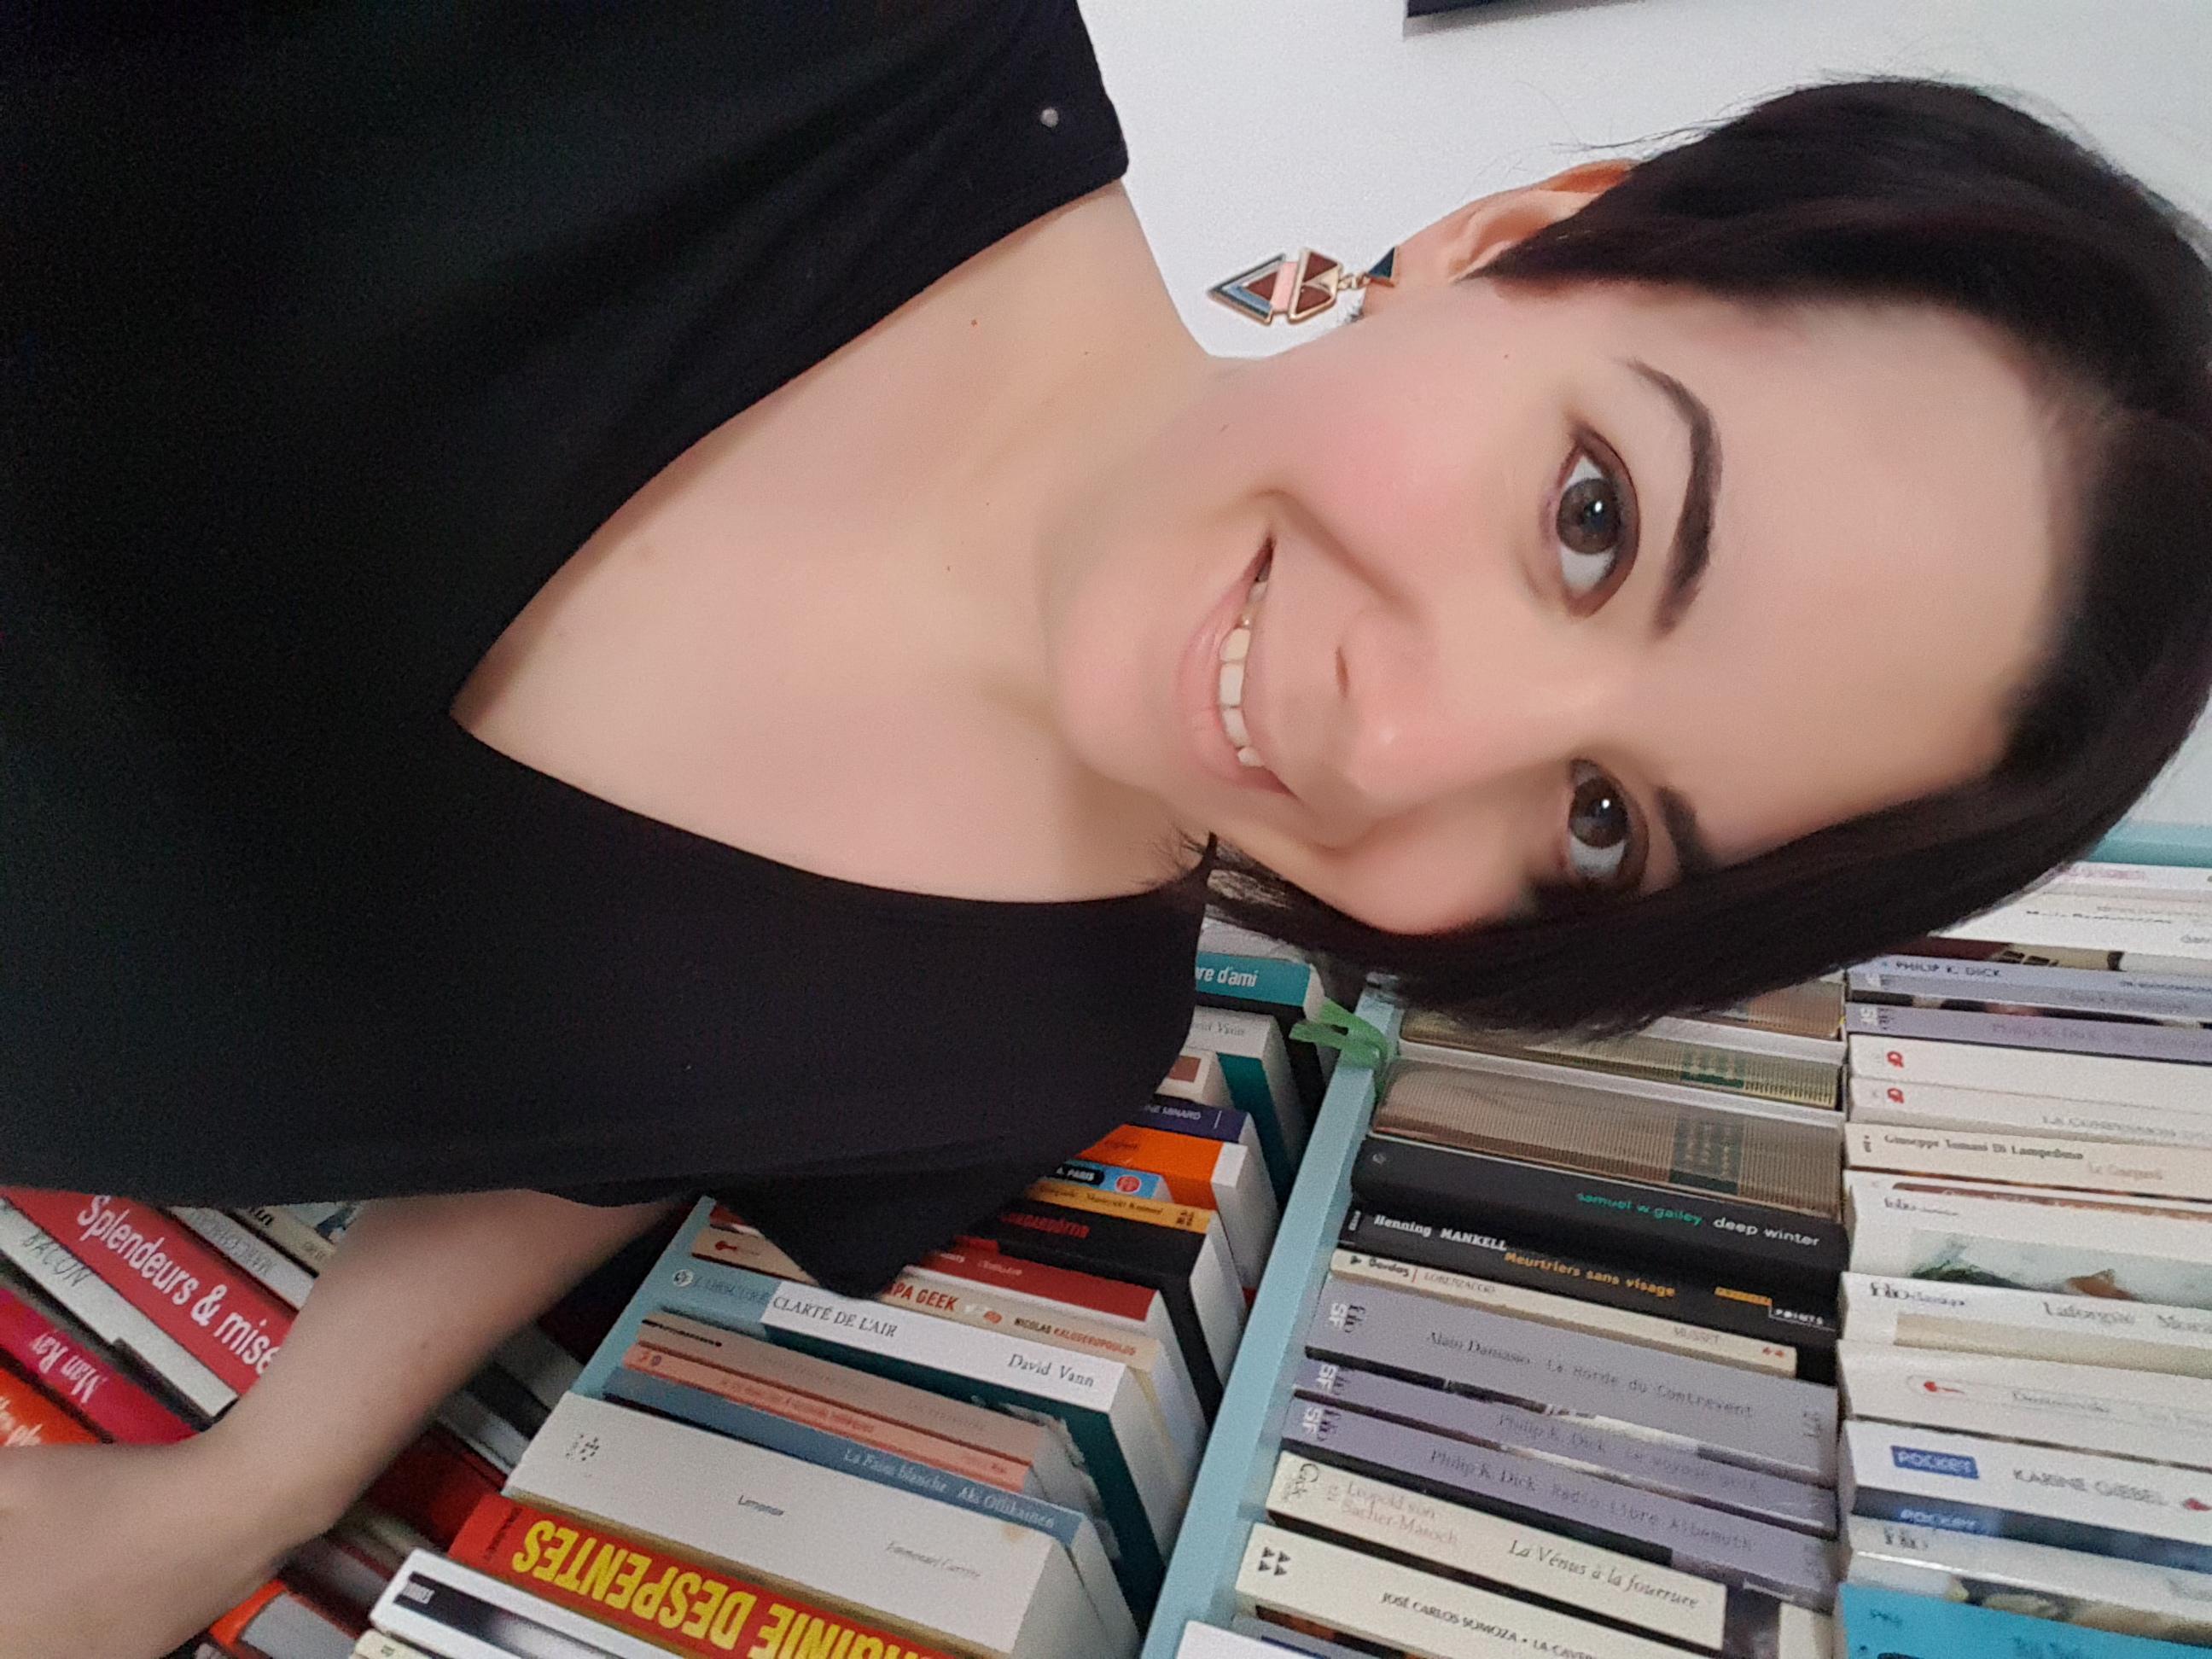 Dijana, Libraire Kube